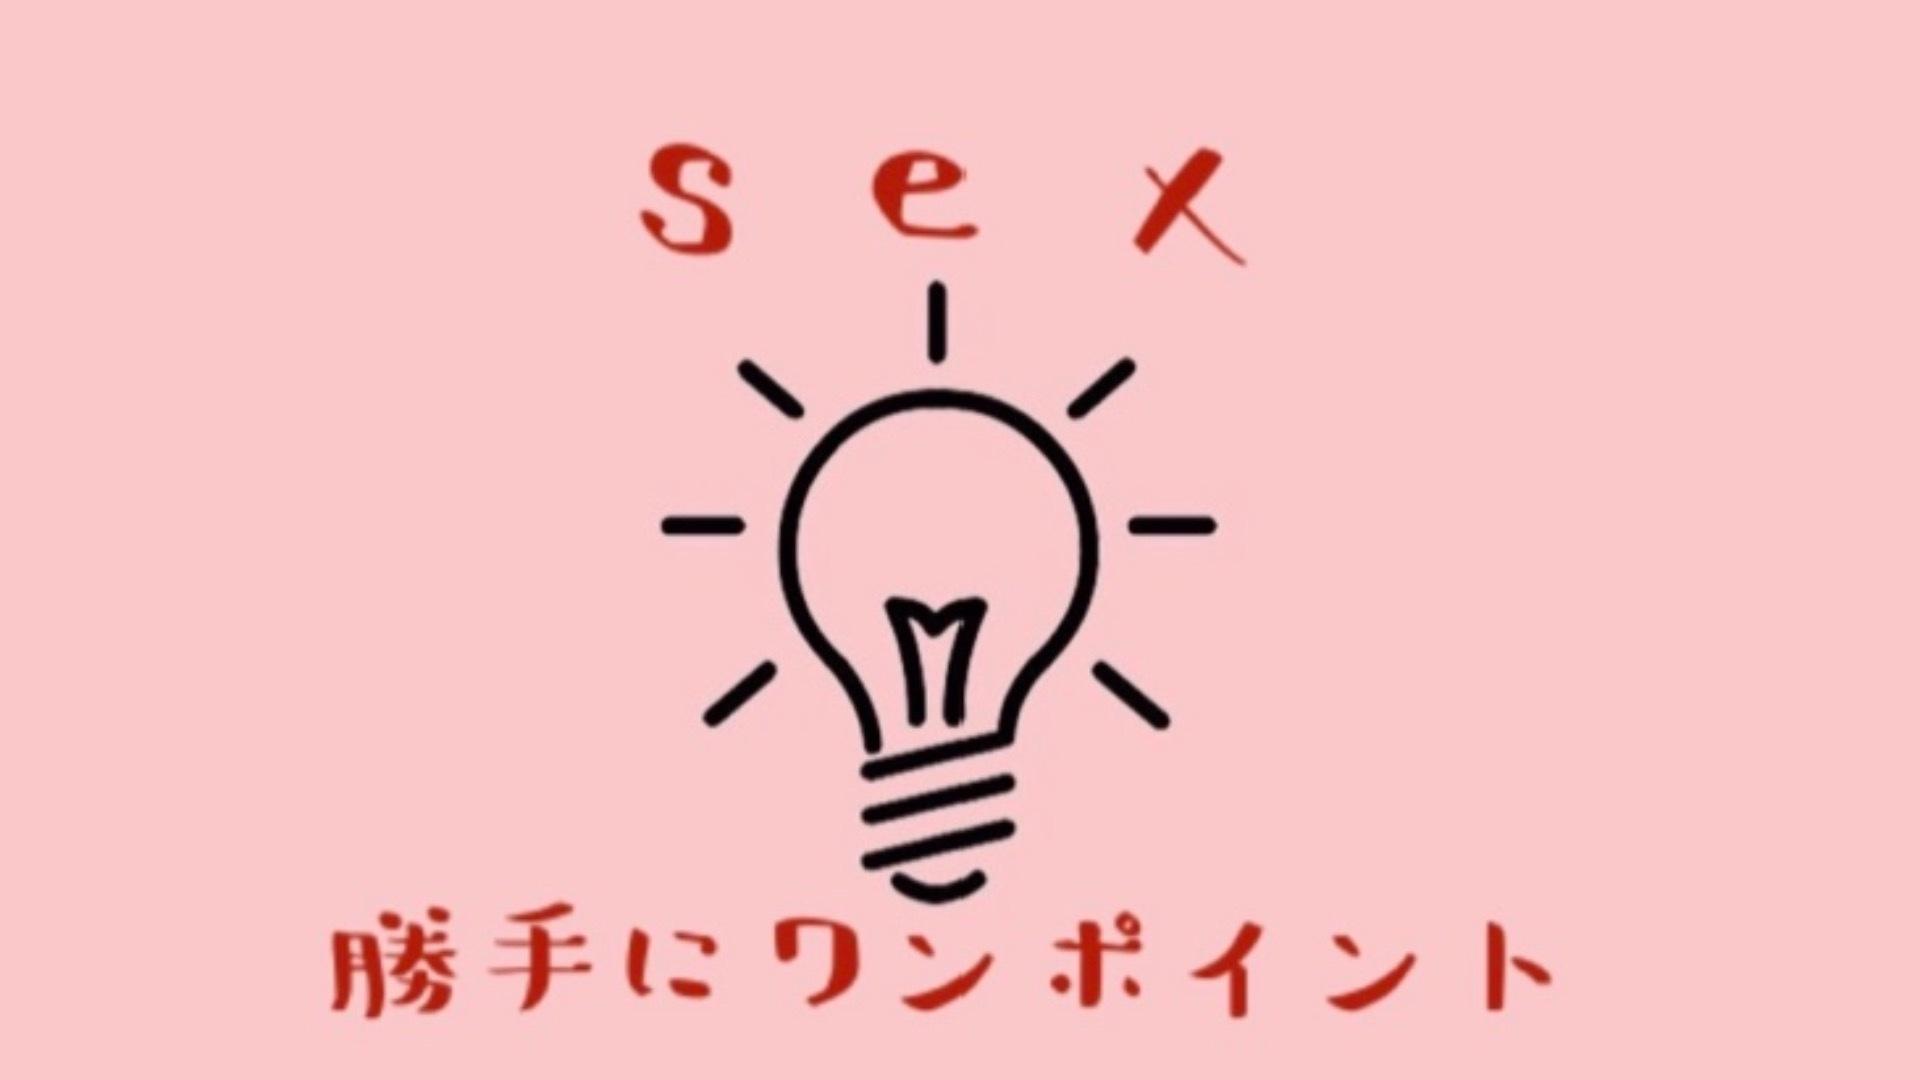 love&sex ワンポイント 〜舐める〜.1